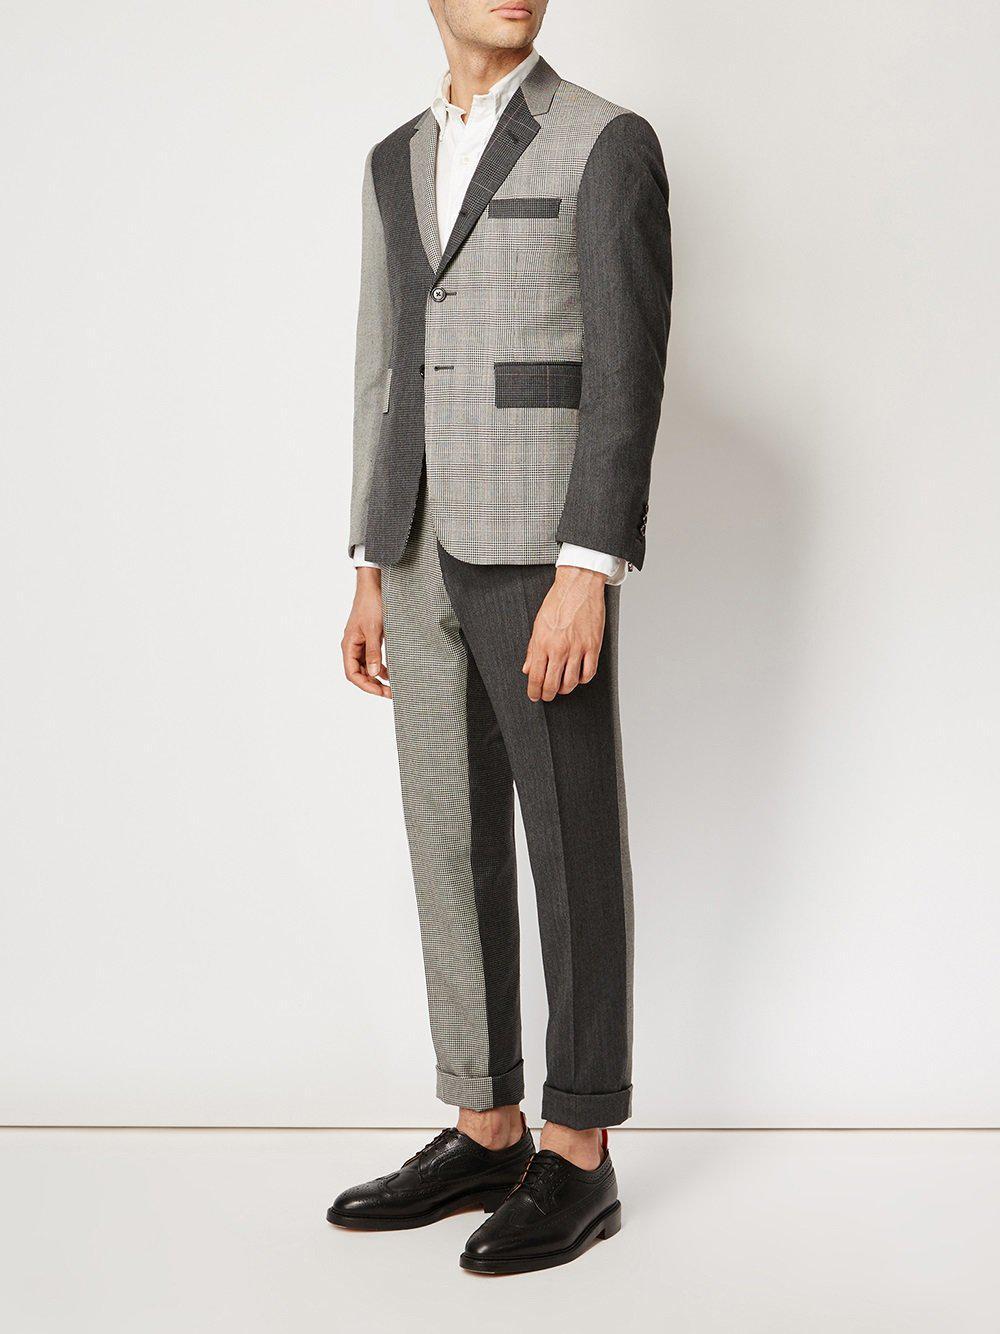 Thom Browne Wol Notched Lapel Patterned Blazer in het Grijs voor heren